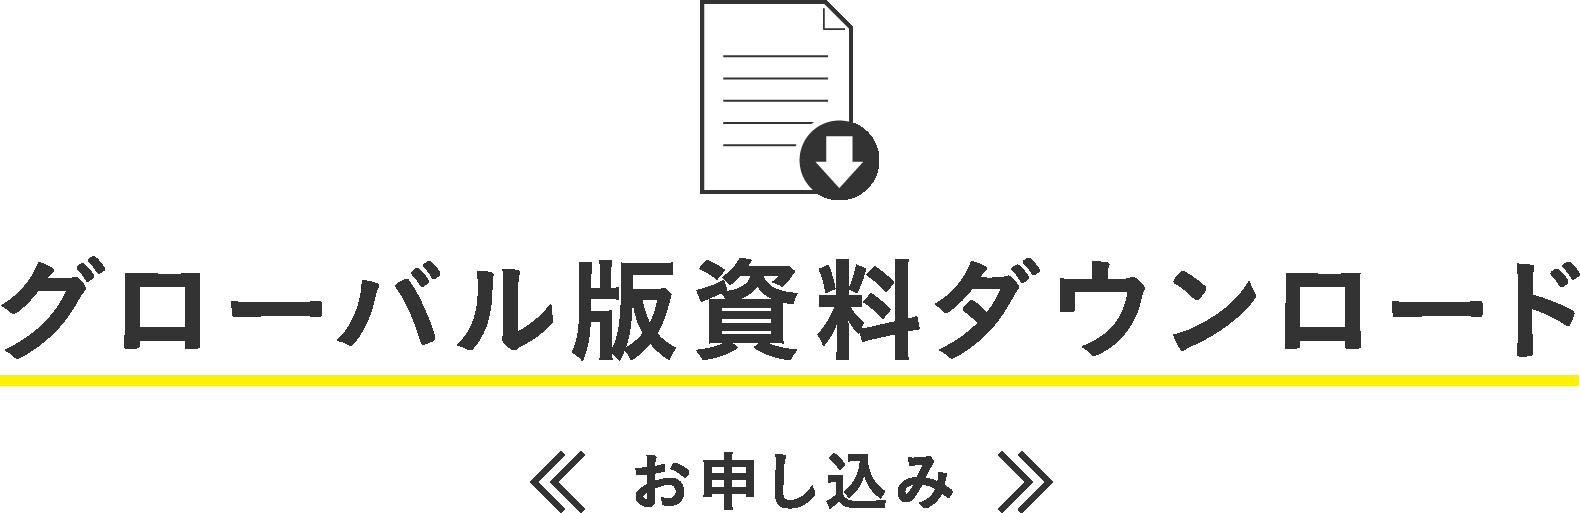 グローバル版資料ダウンロード お申し込み